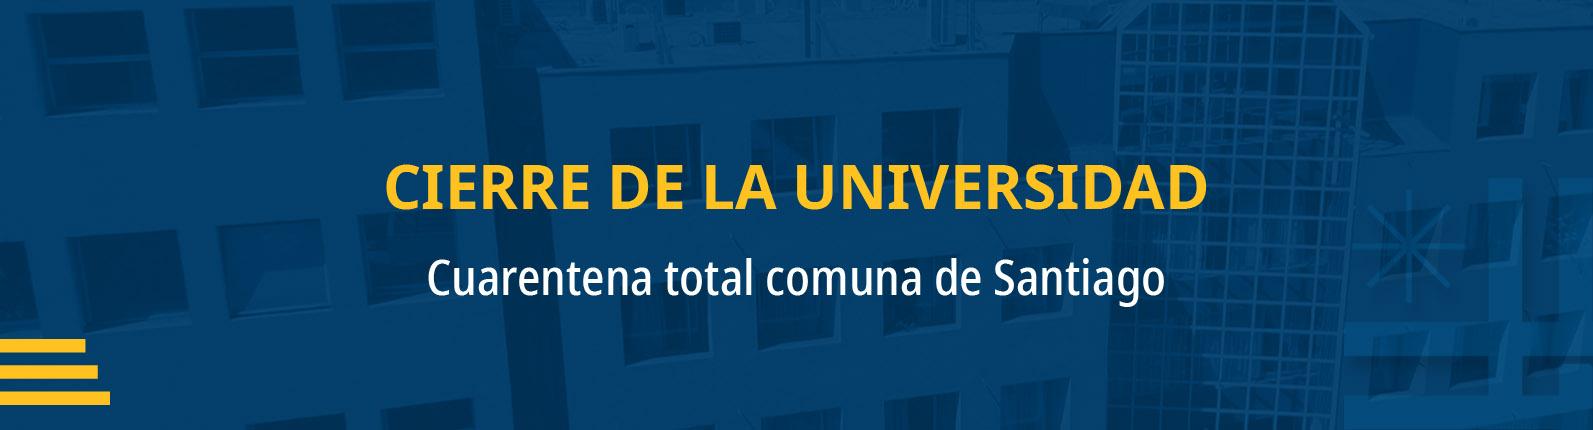 CIERRE DE LA UNIVERSIDAD